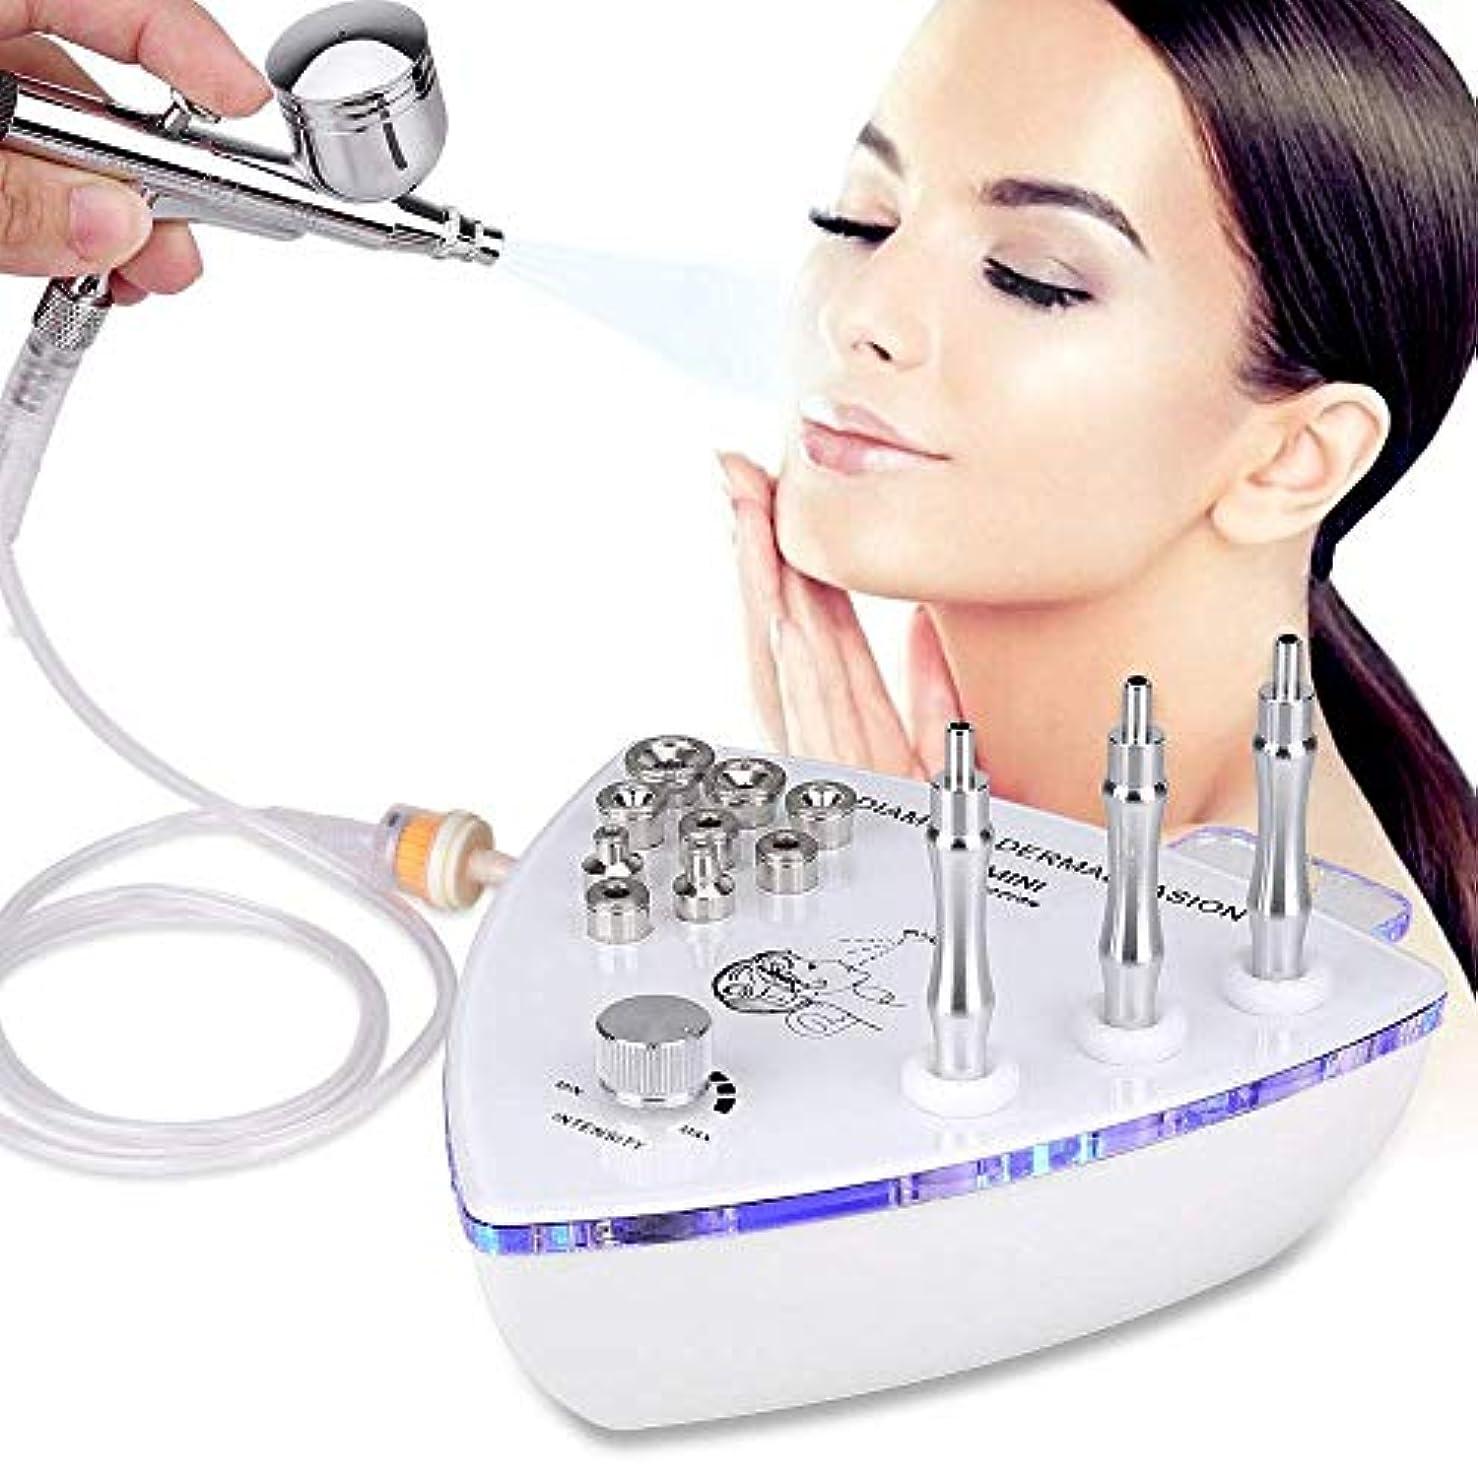 与える安全でないマンモススプレーガン、プロ用皮膚剥離機、ウォータースプレー剥離顔面美容機付きダイヤモンドマイクロダーマブレーション皮膚剥離機(強力な吸引力:0-68cmHg)